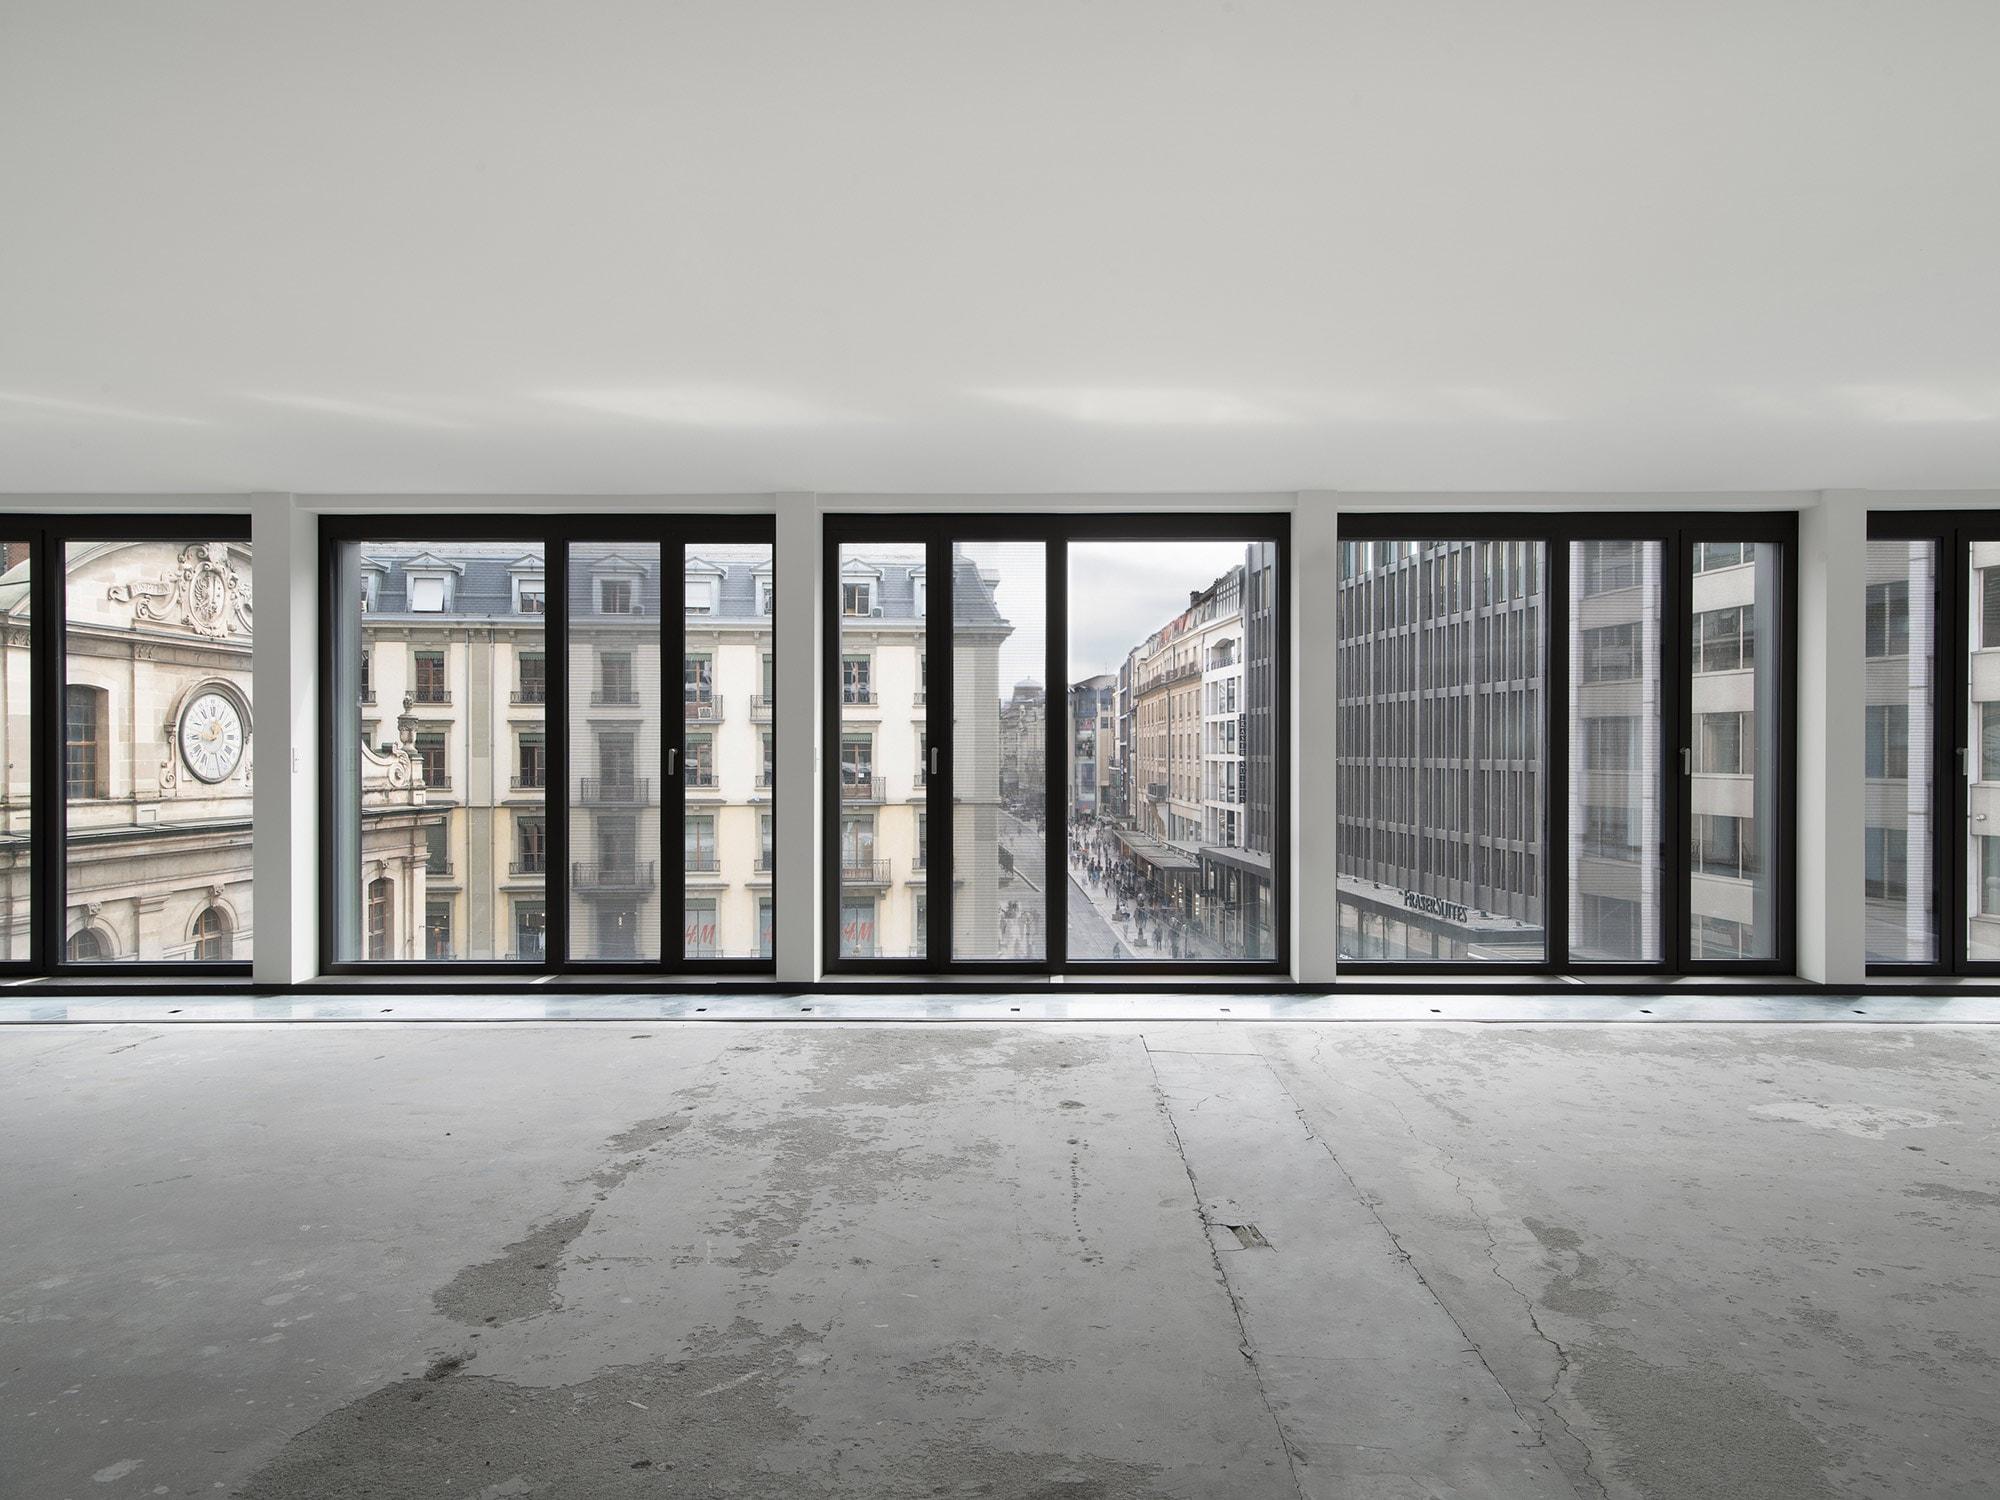 bureaux en construction pour un bureau d'architecture